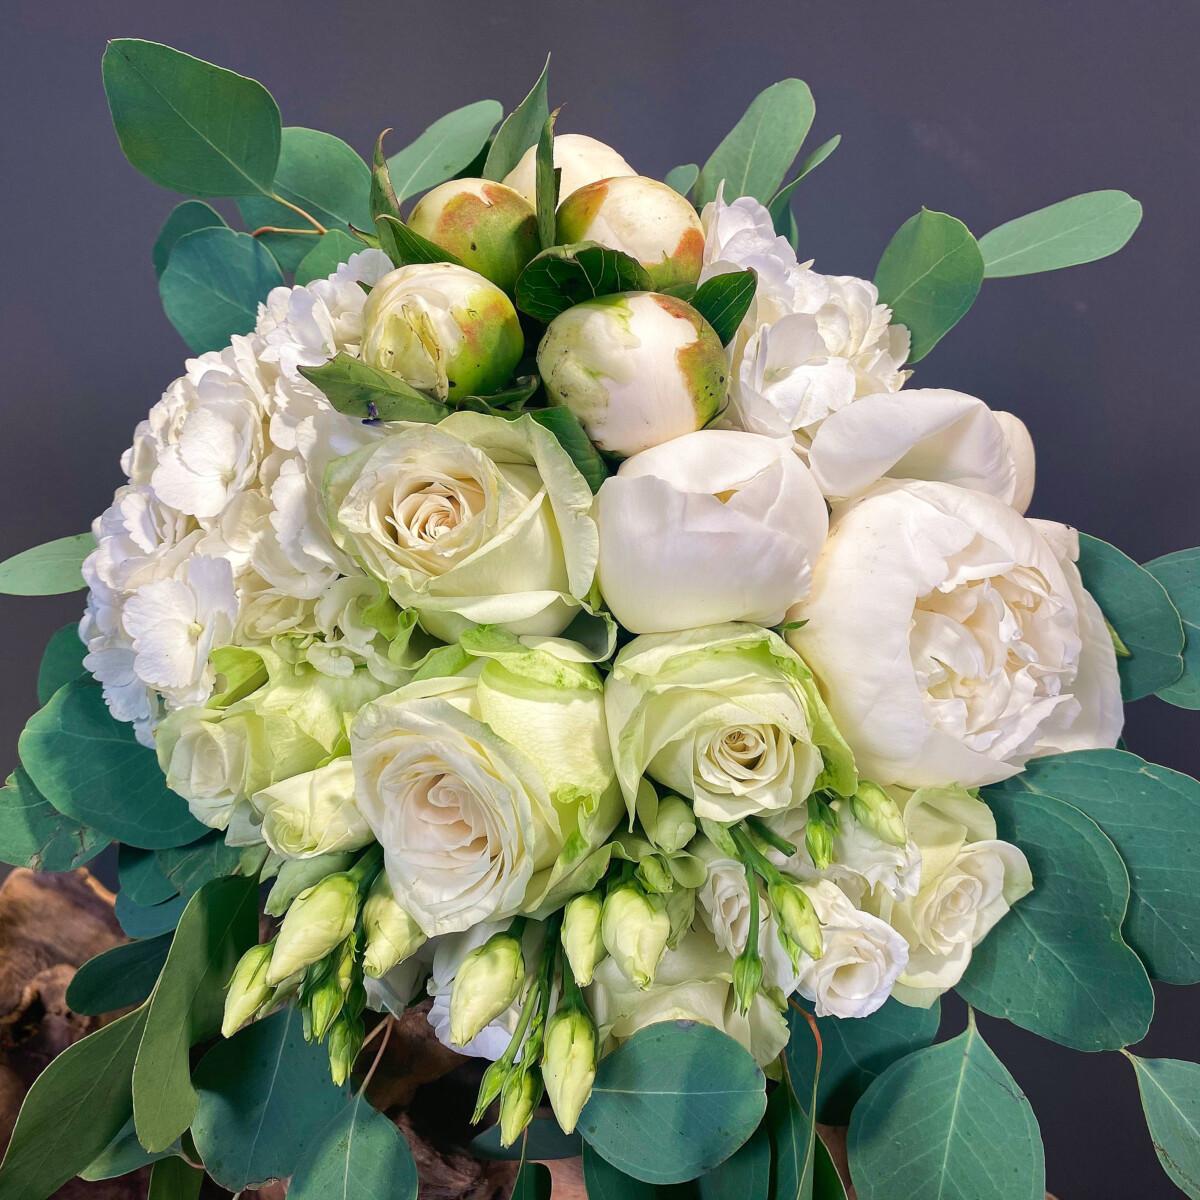 Ανθοδέσμη Γάμου Λευκές Παιώνιες Ορτανσίες Λυσίανθο Ευκάλυπτο